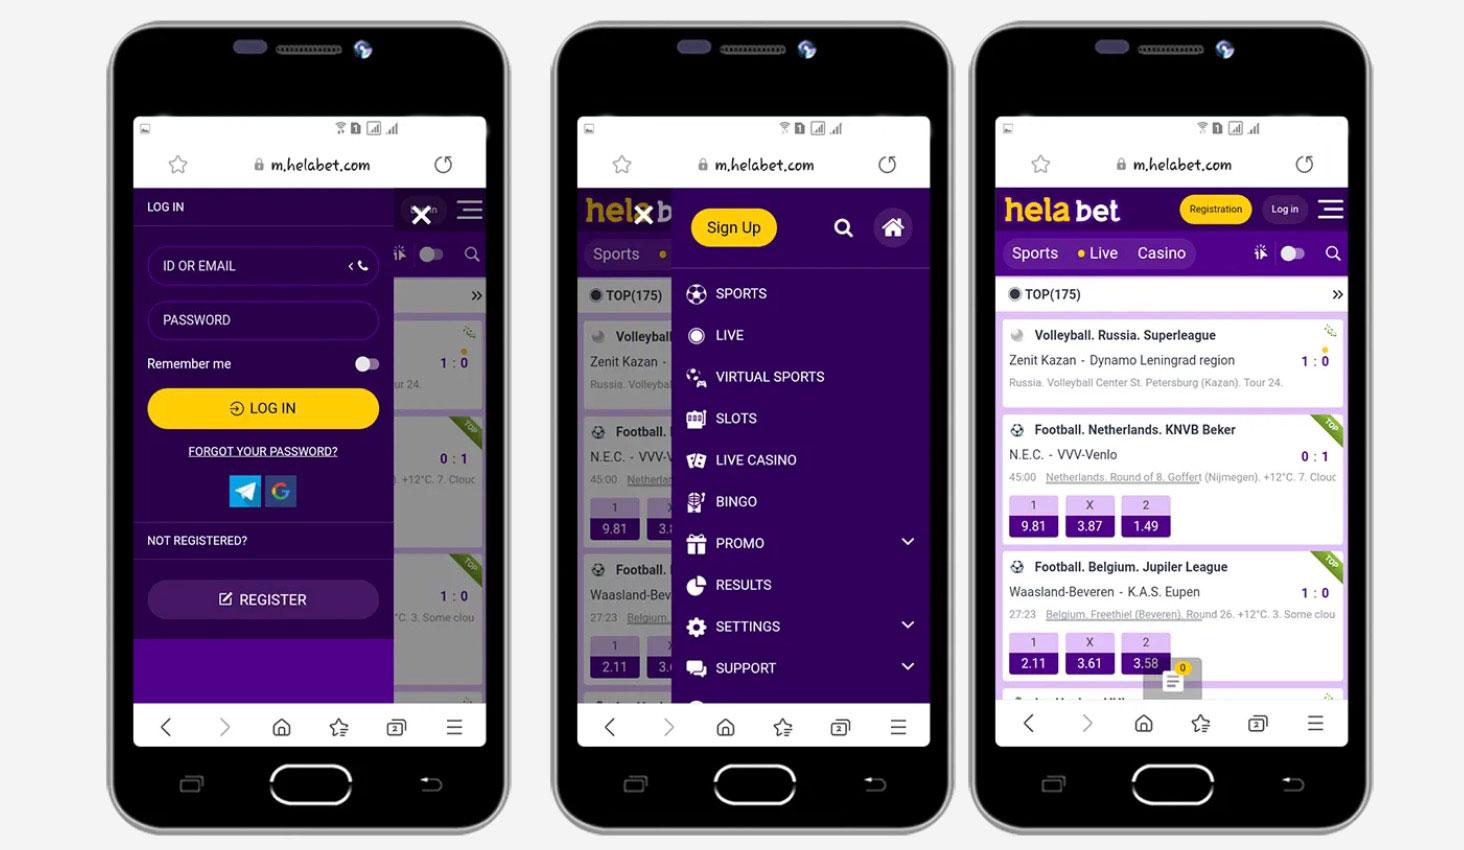 Helabet Mobile Platform